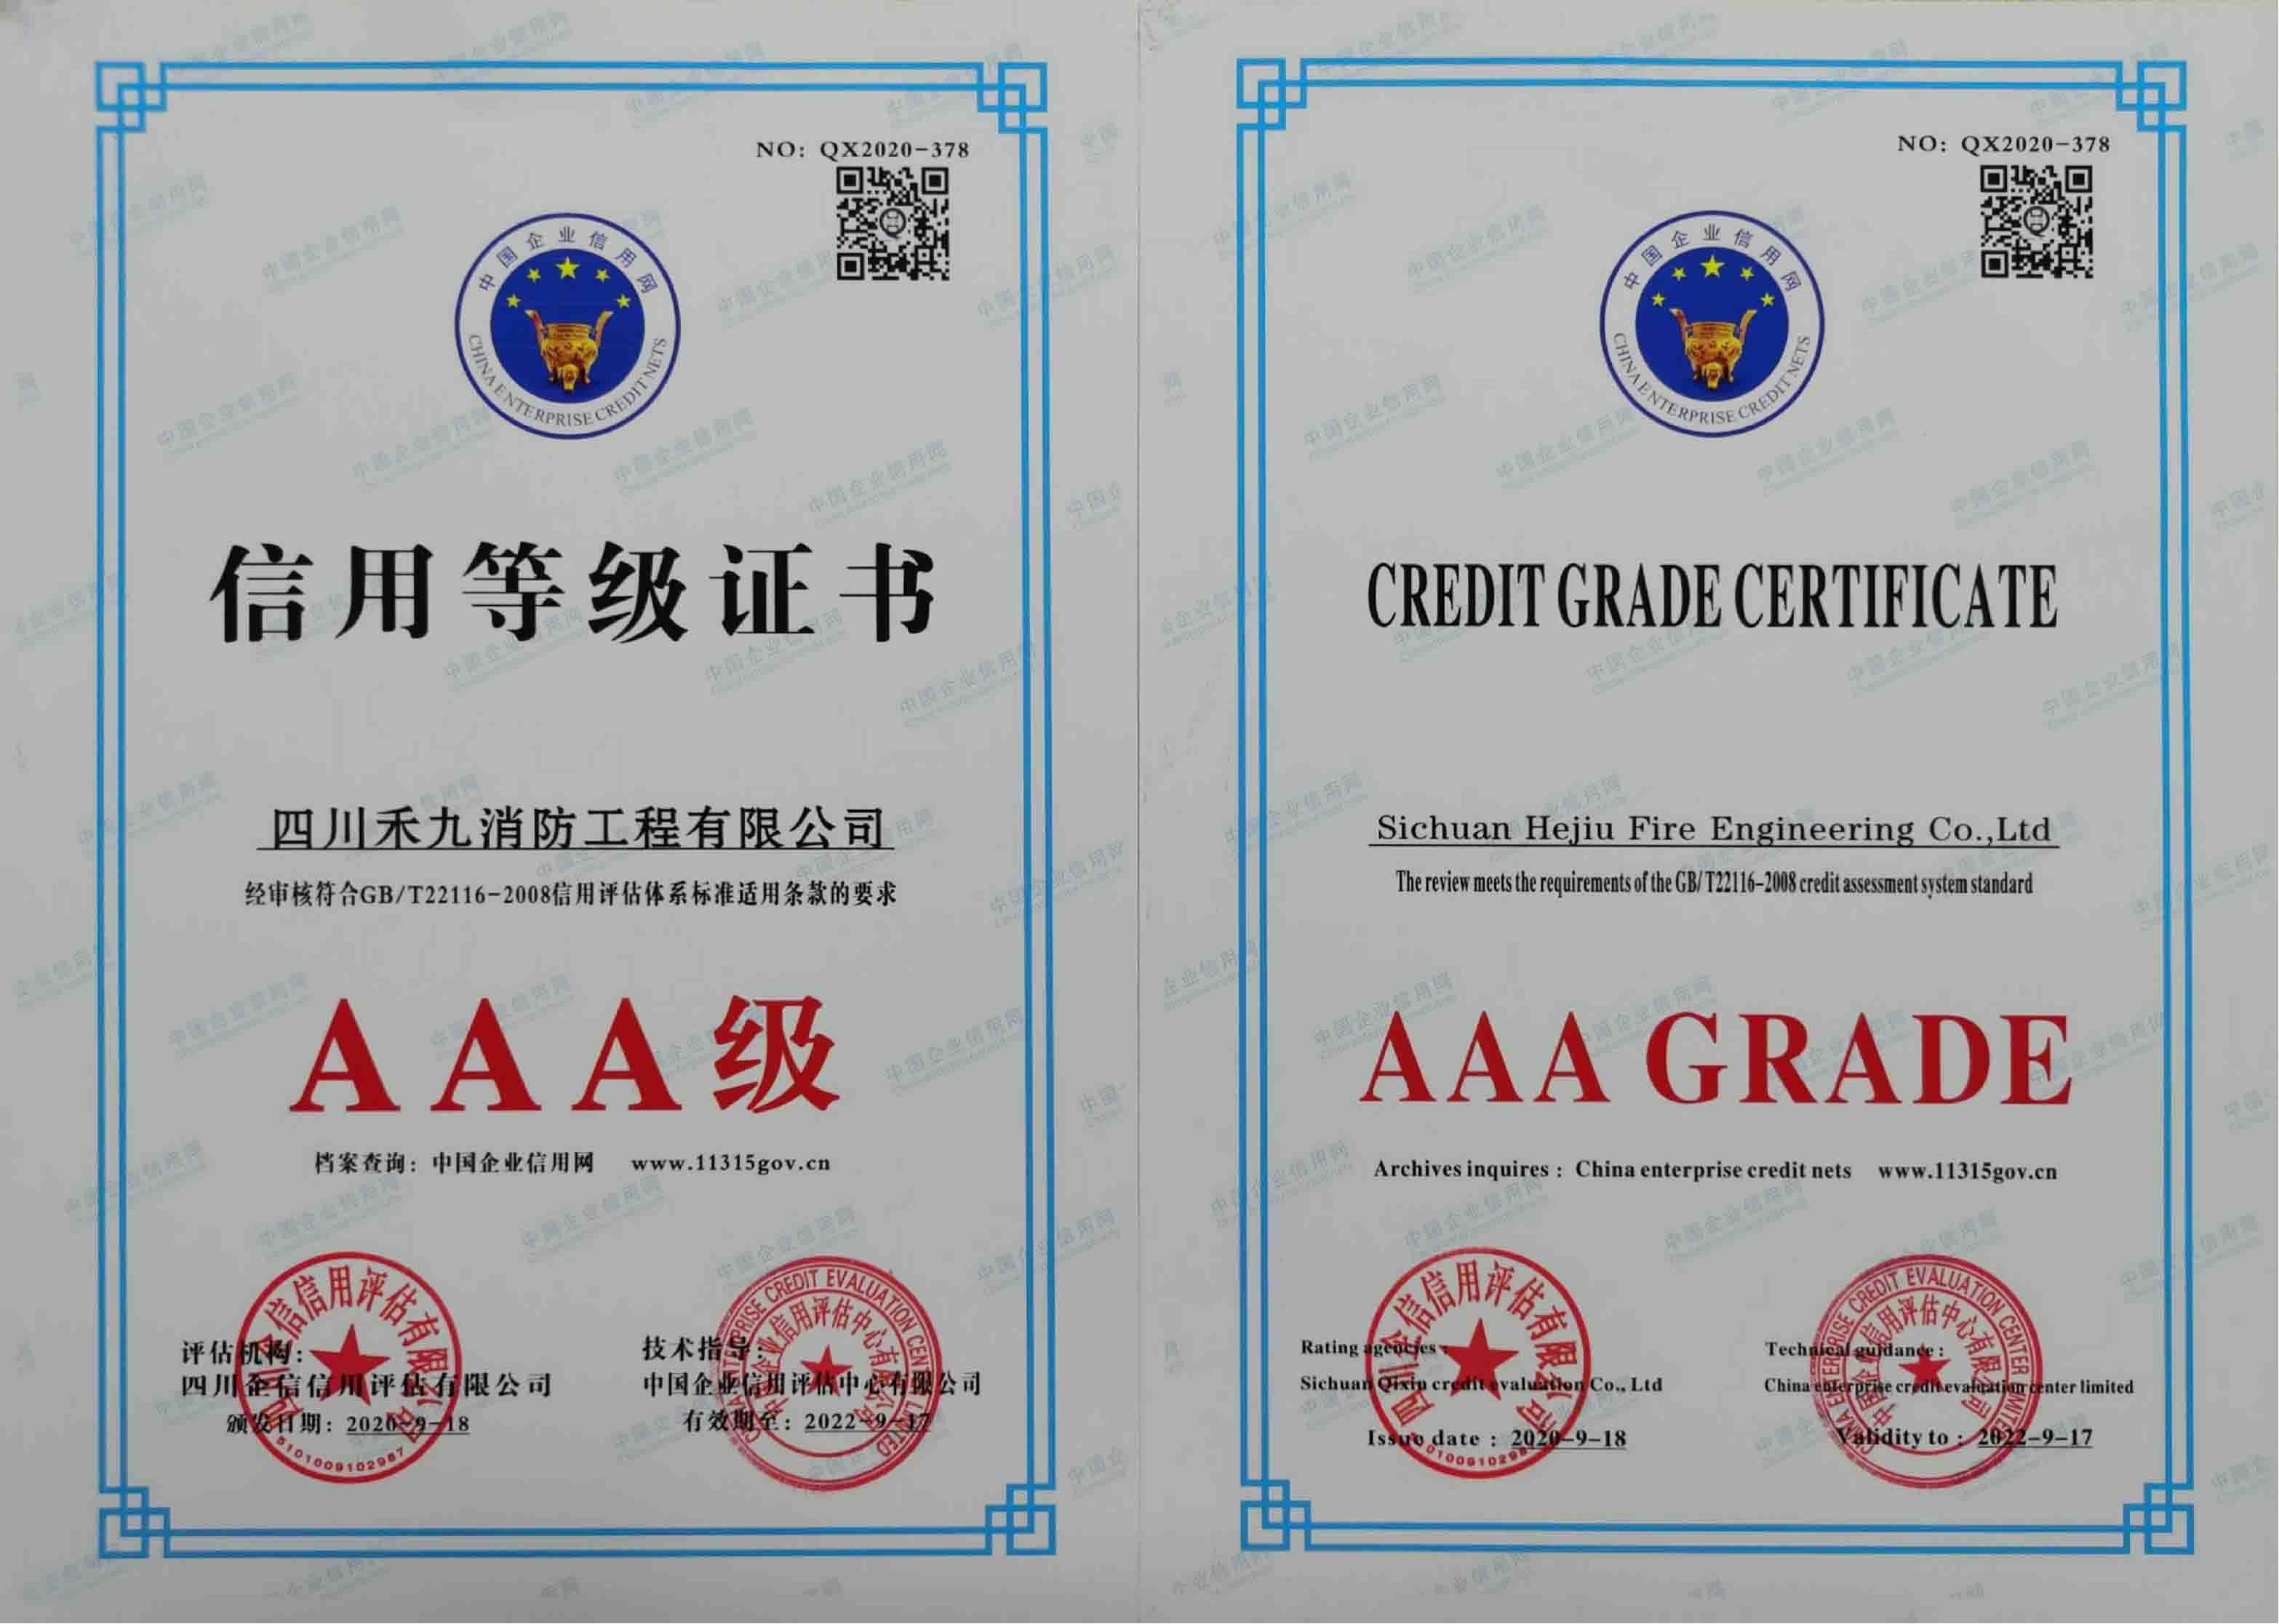 四川消防工程AAA级信用等级证书